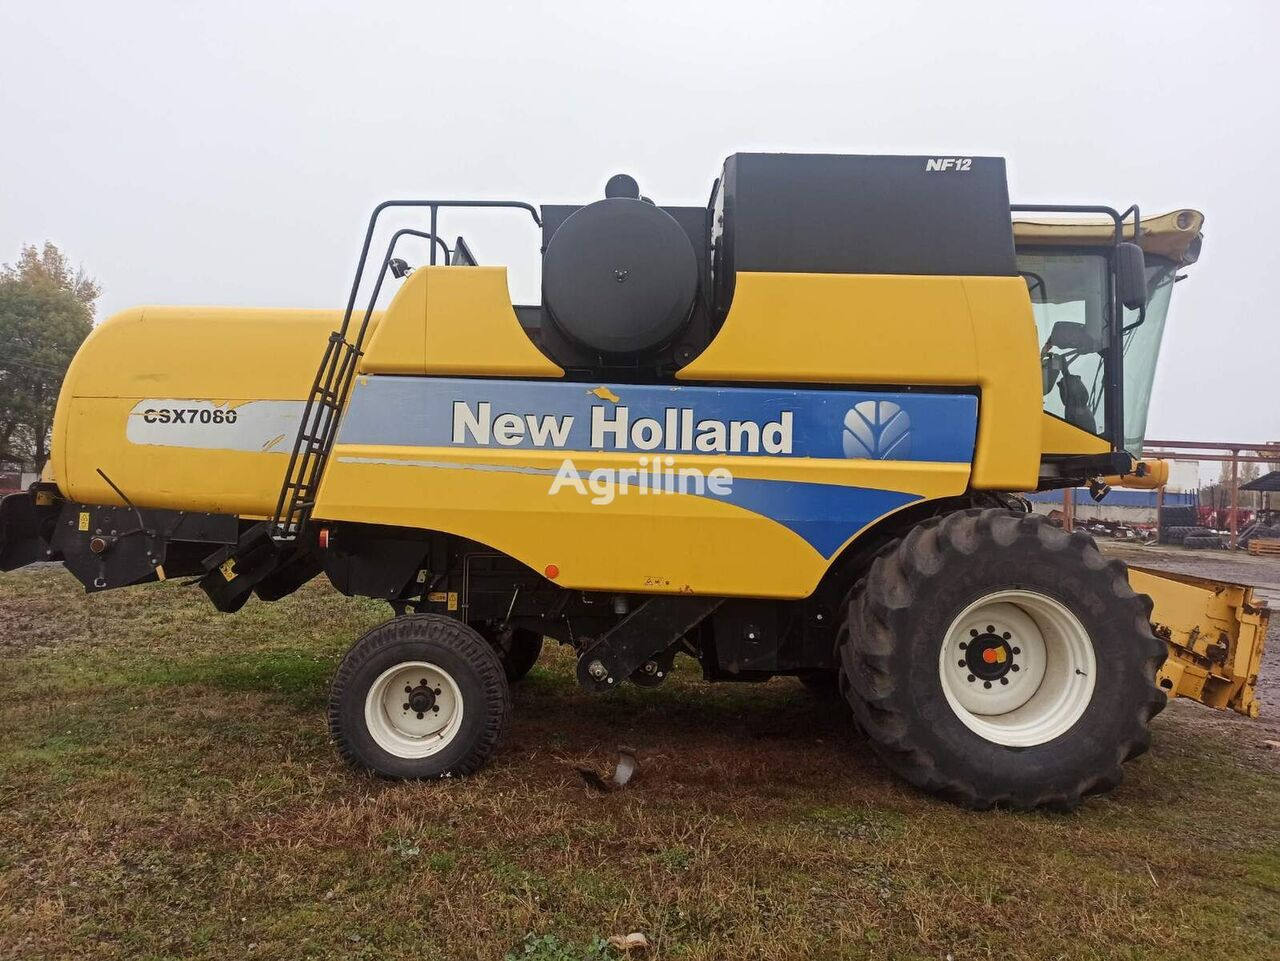 зерноуборочный комбайн NEW HOLLAND CSX 7080 с жаткой 7,6 и тележкой